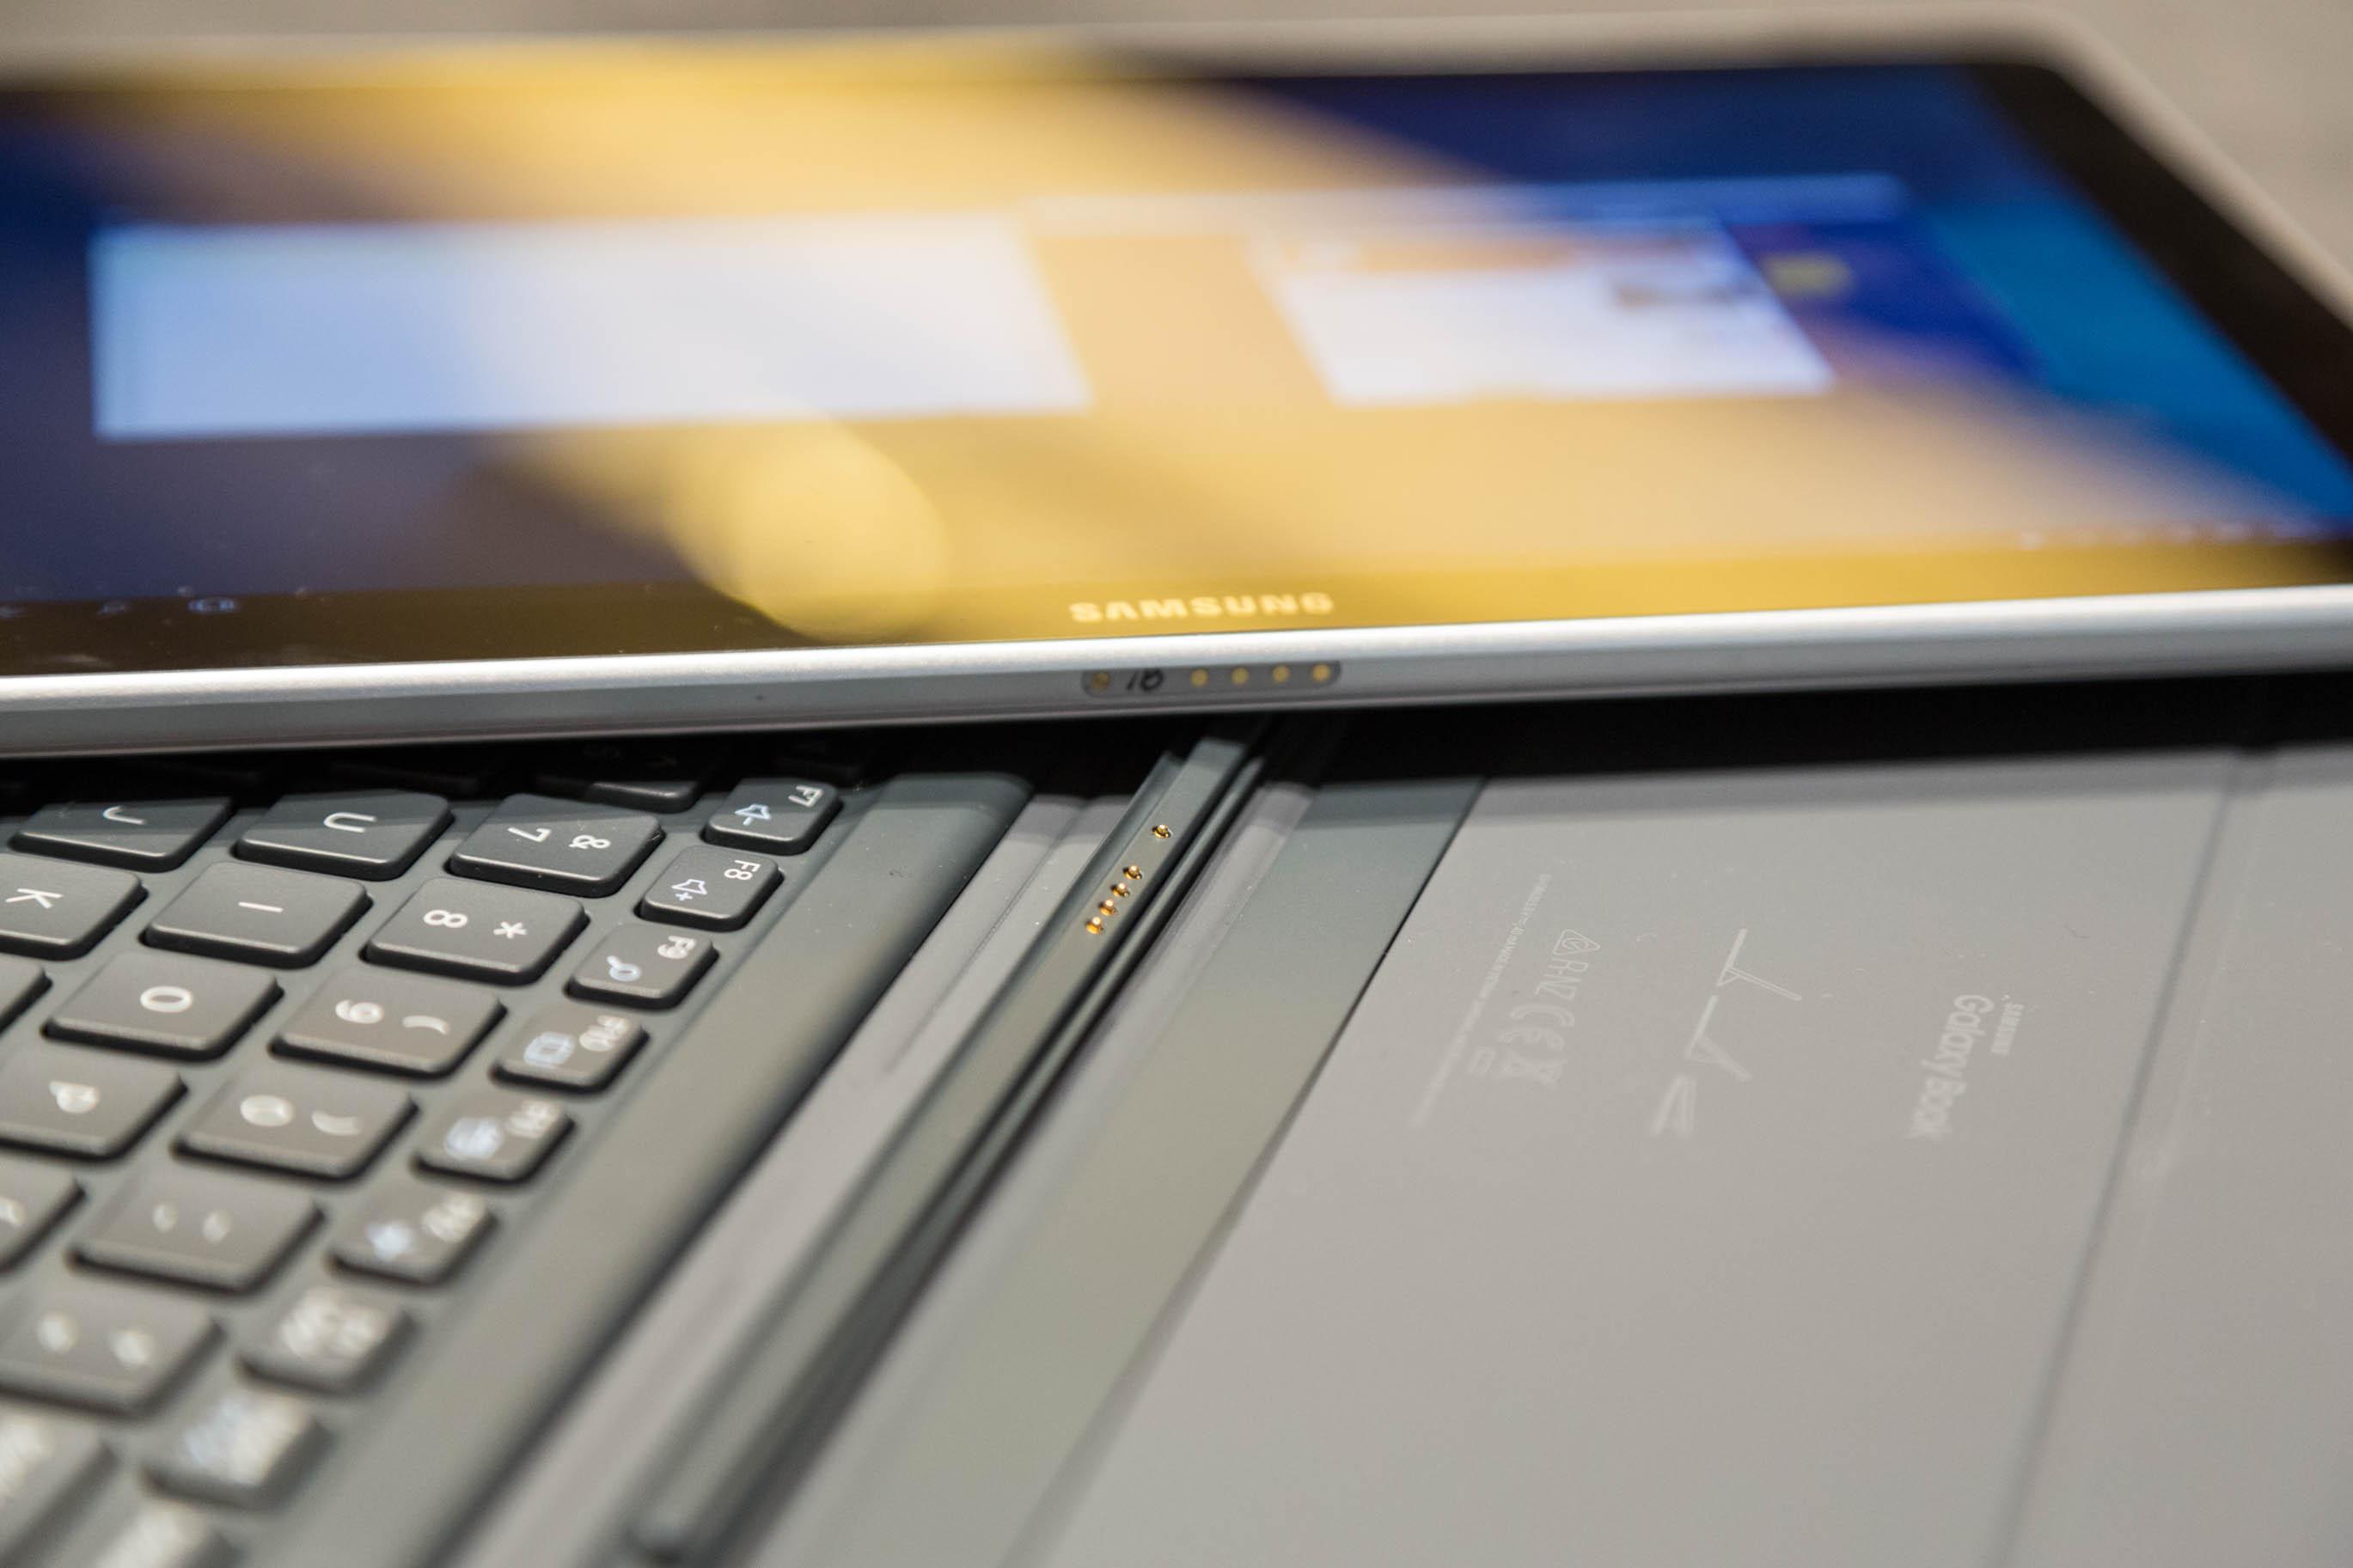 Galaxy Book im Hands on: Samsung bringt neuen 2-in-1-Computer - Das Tablet und die Tastatureinheit des kleinen Galaxy-Book. (Bild: Martin Wolf/Golem.de)